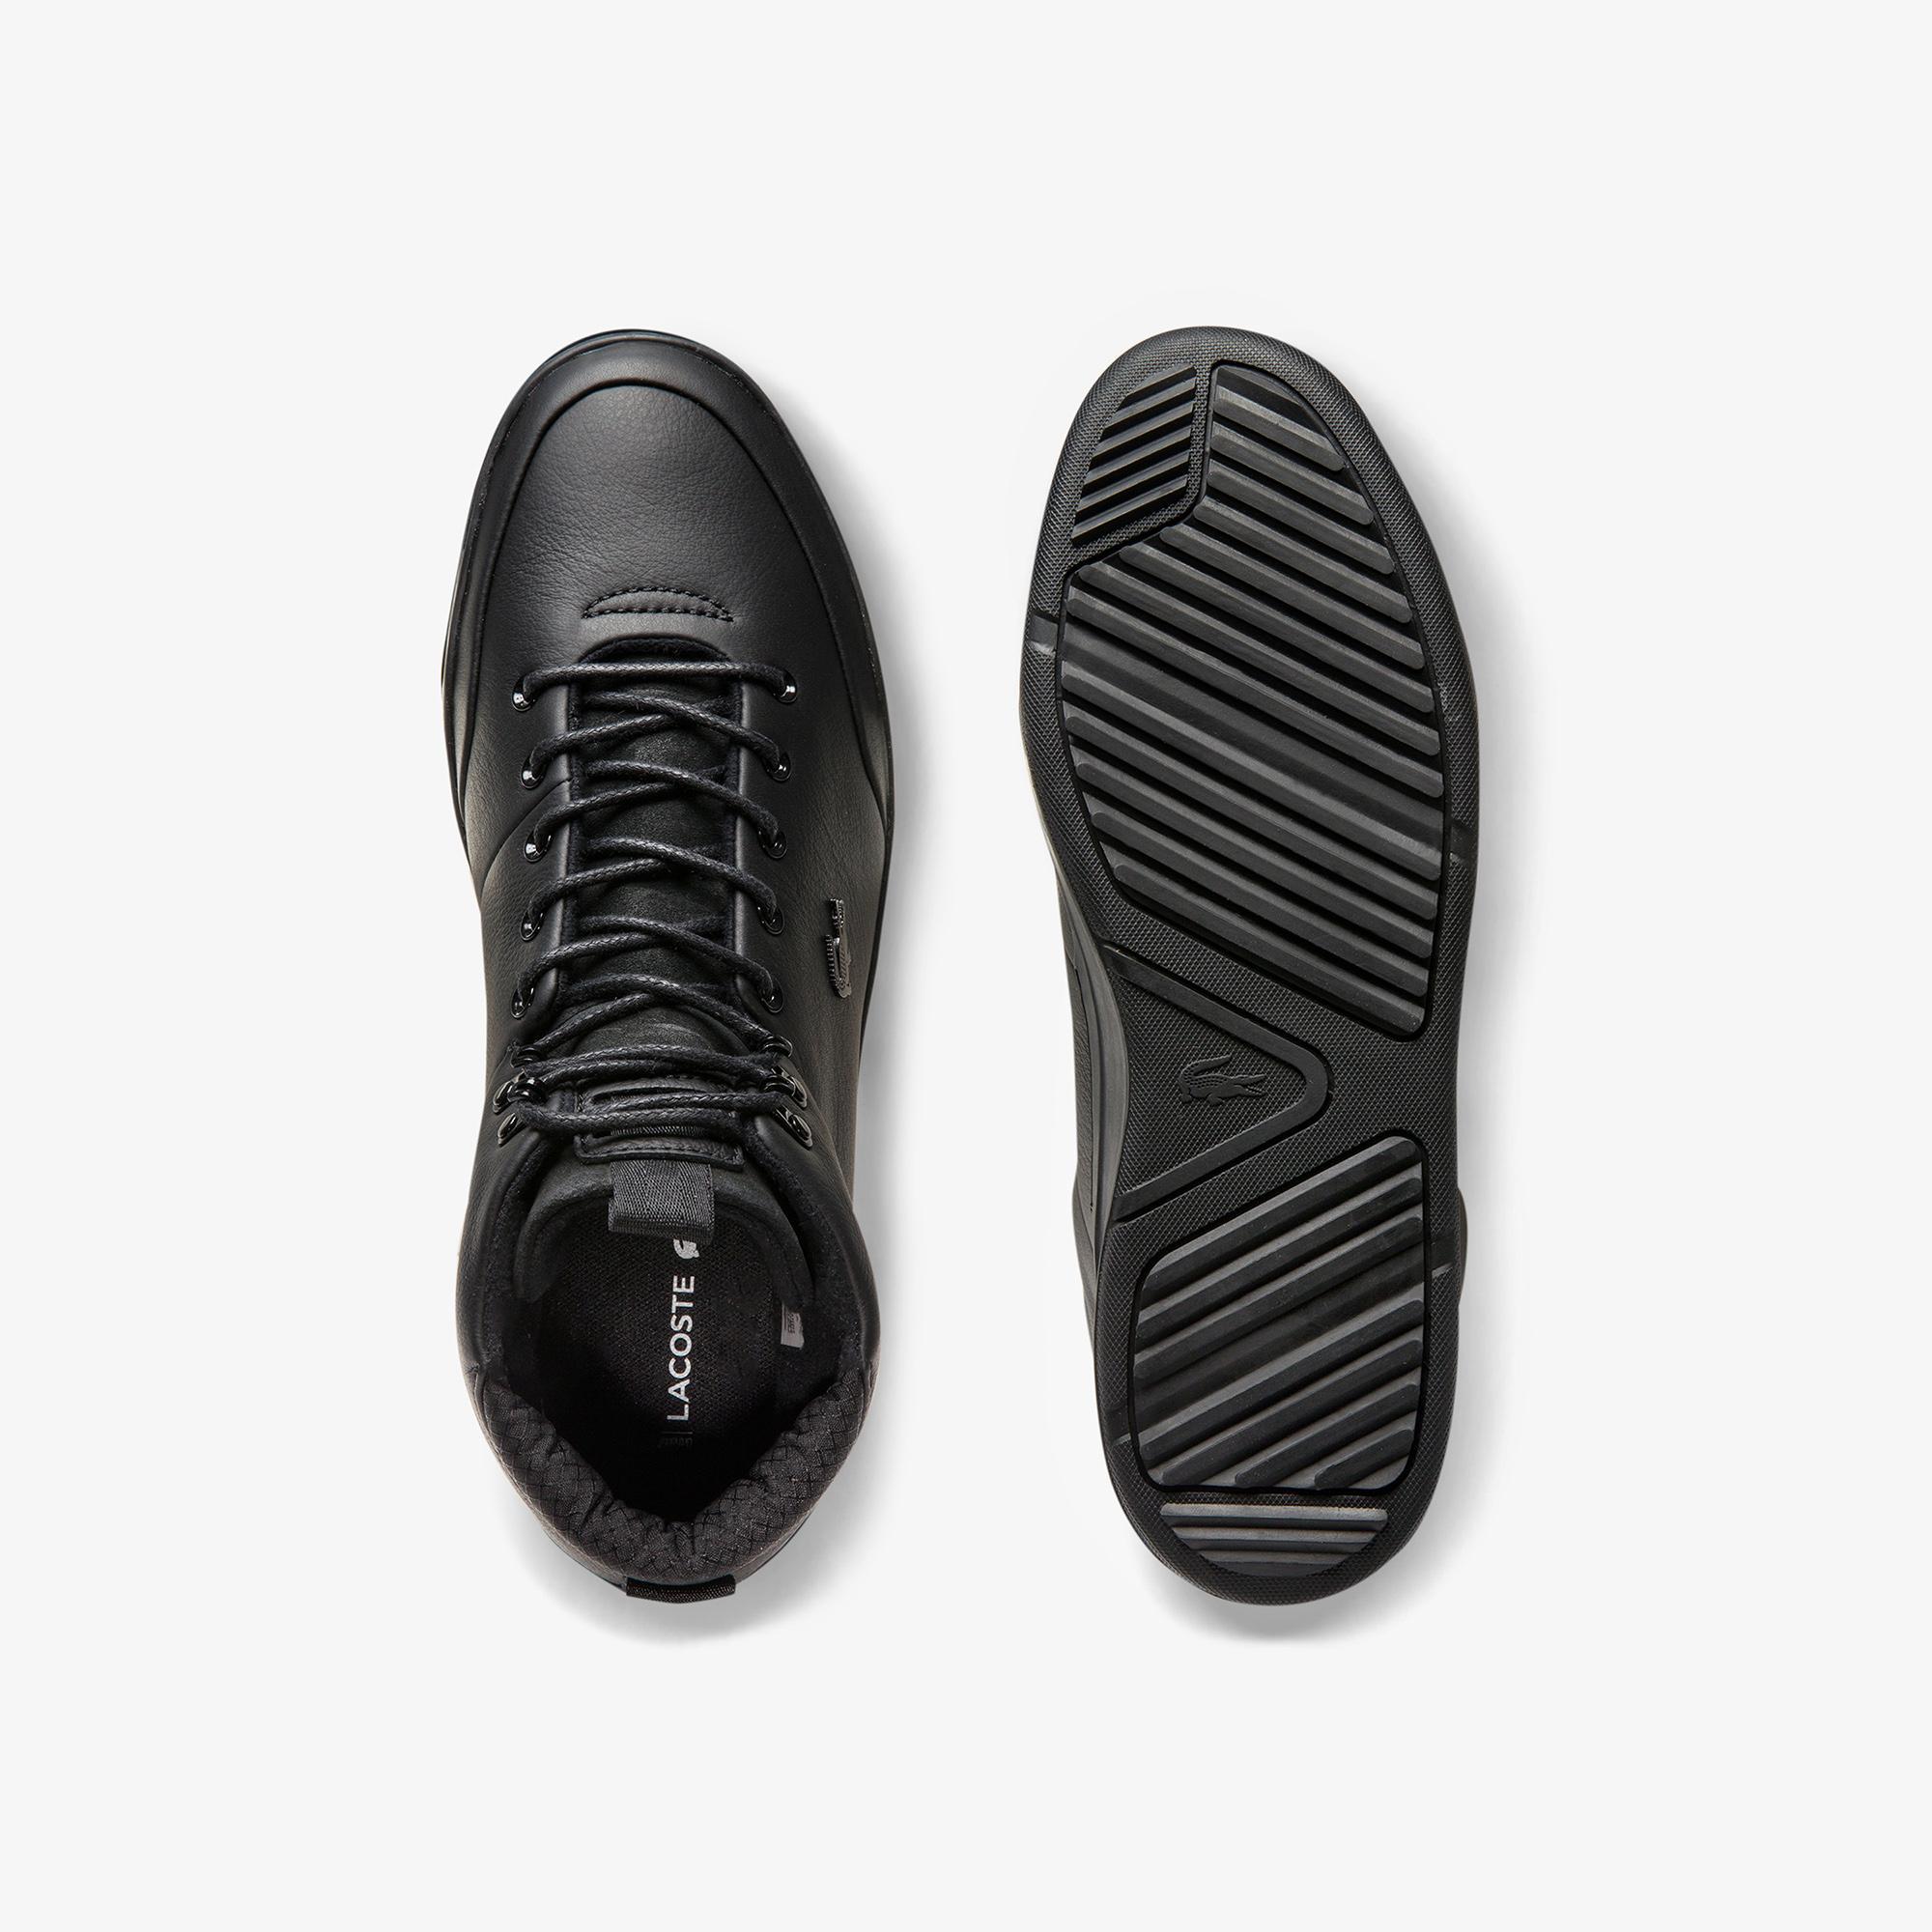 Lacoste черевики чоловічі Explorateur